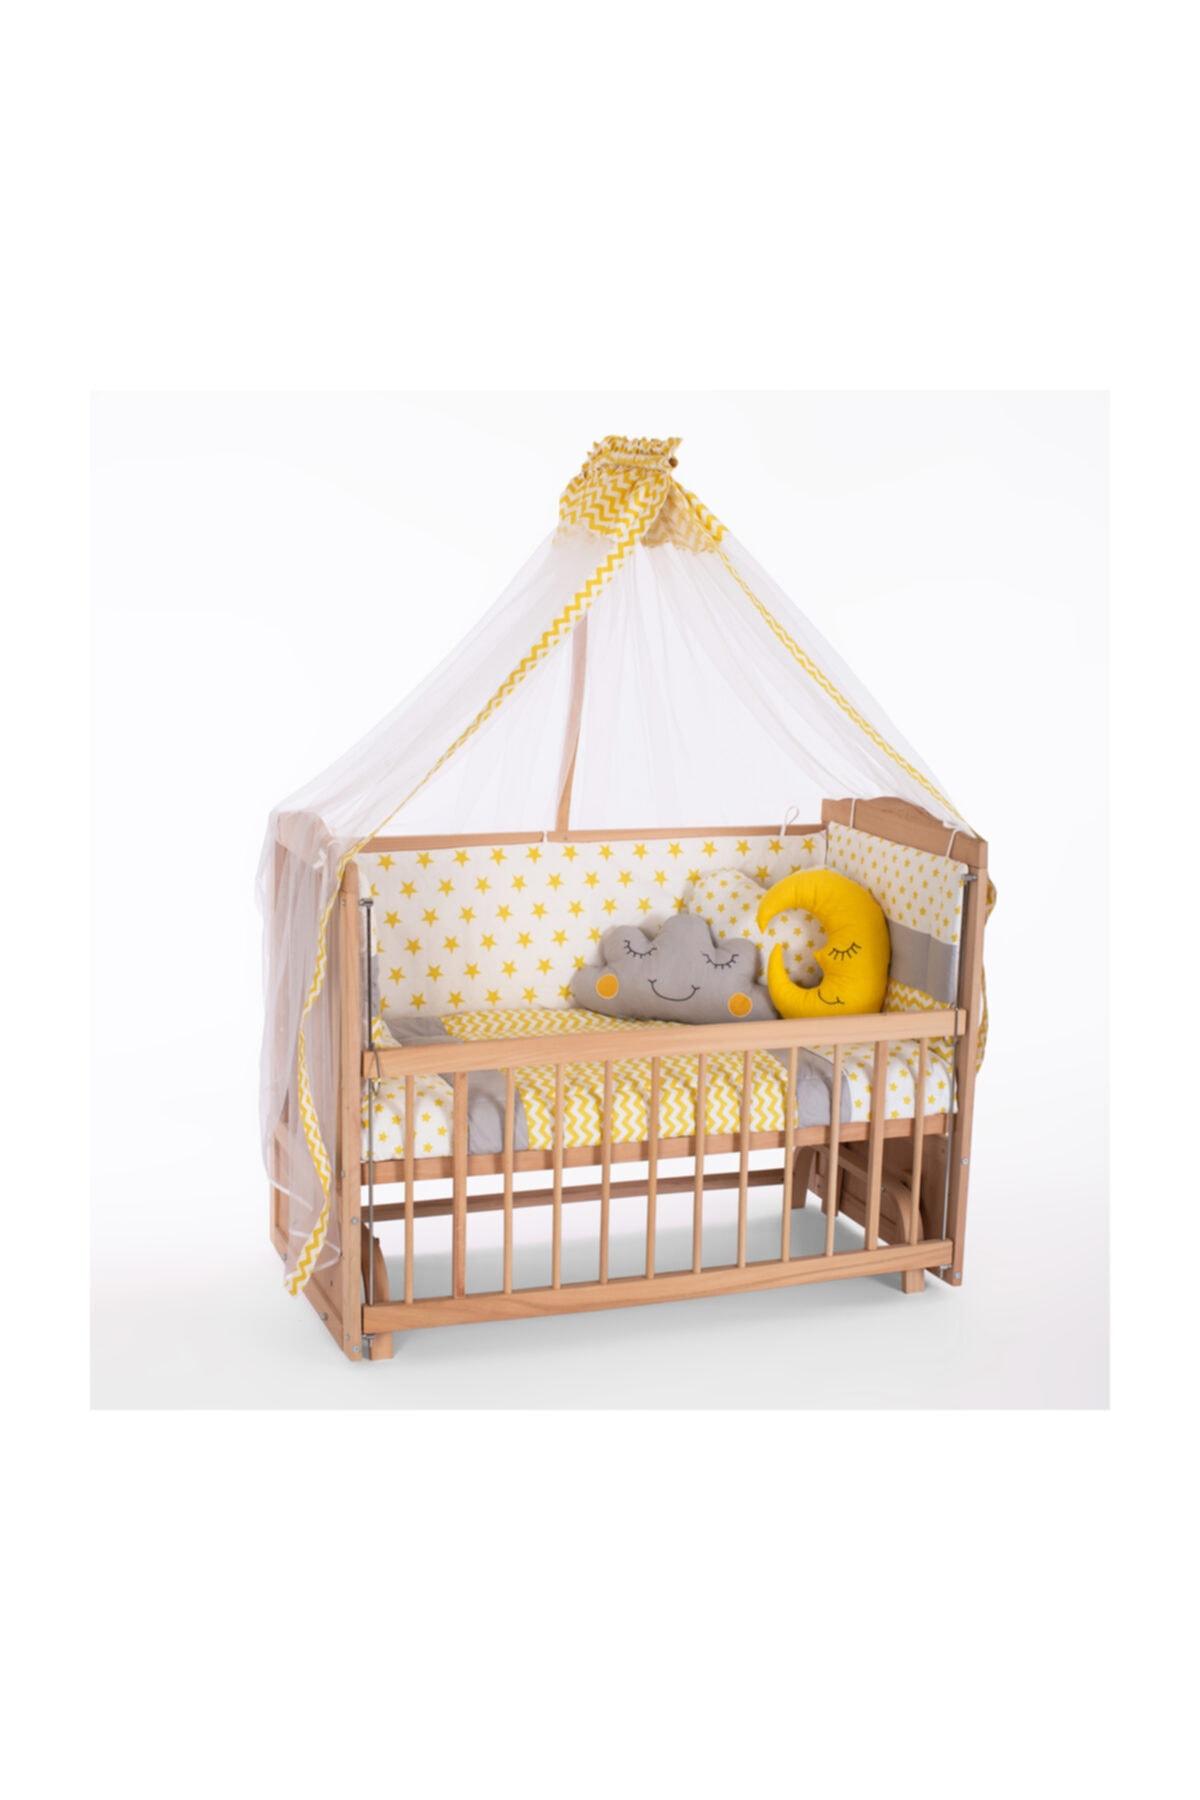 Heyner Ahşap Beşik Anne Yanı Beşik Sallanır Beşik Organik 60x120 + Sarı Yıldız Uyku Seti + Yatak 1